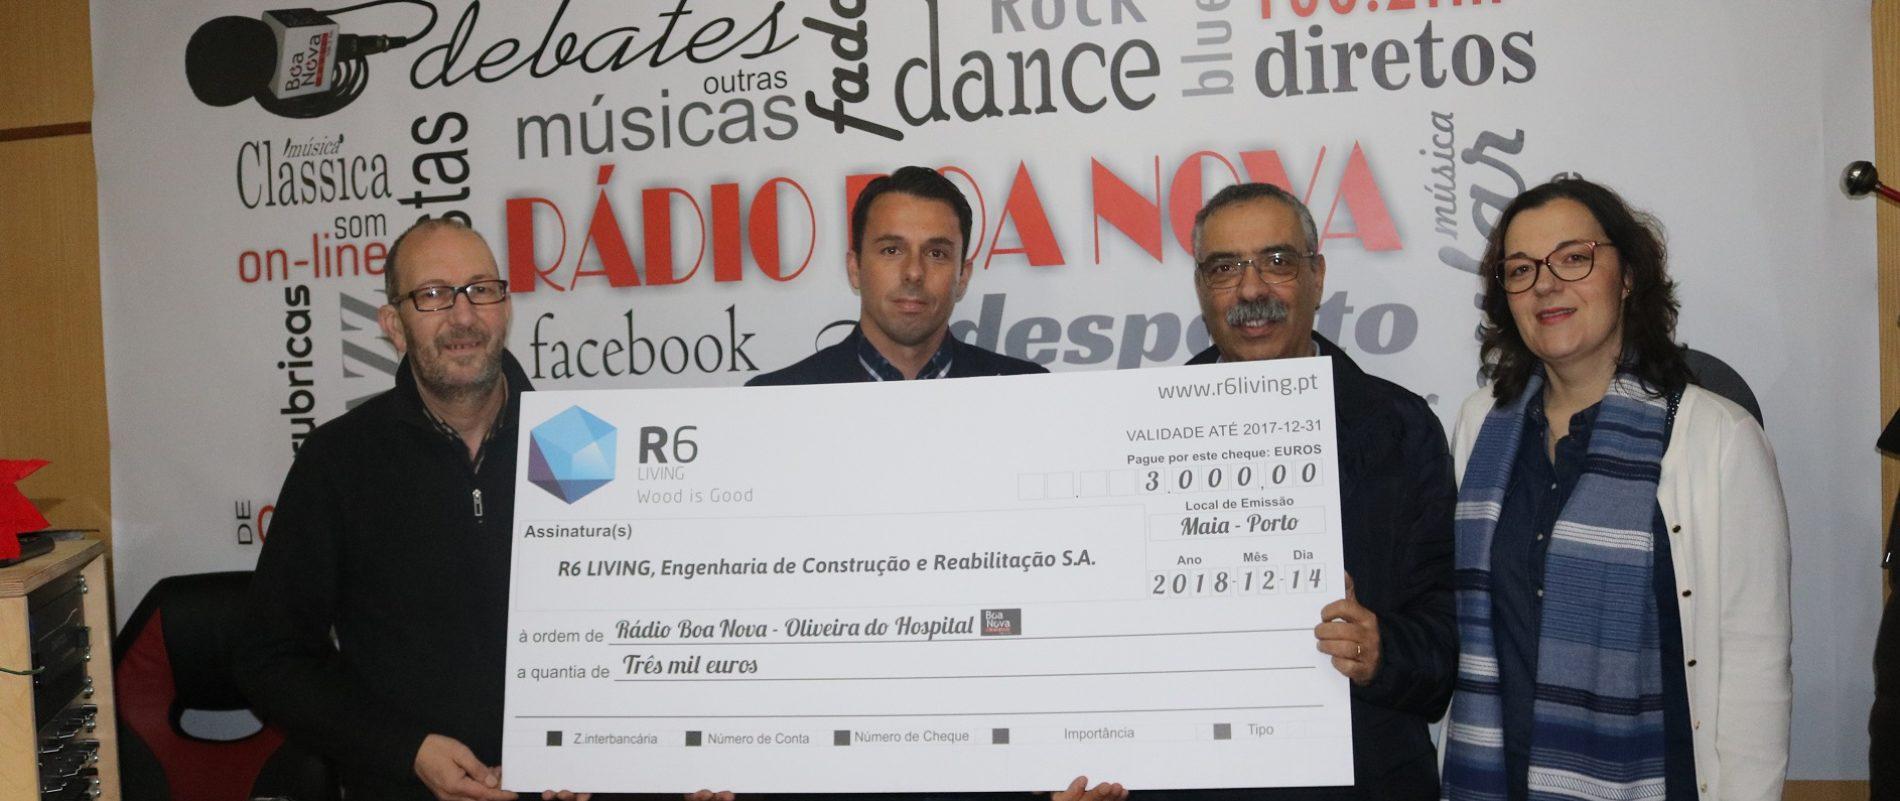 """Empresa """"R6 Living"""" entregou donativo à Rádio Boa Nova numa medida de responsabilidade social"""